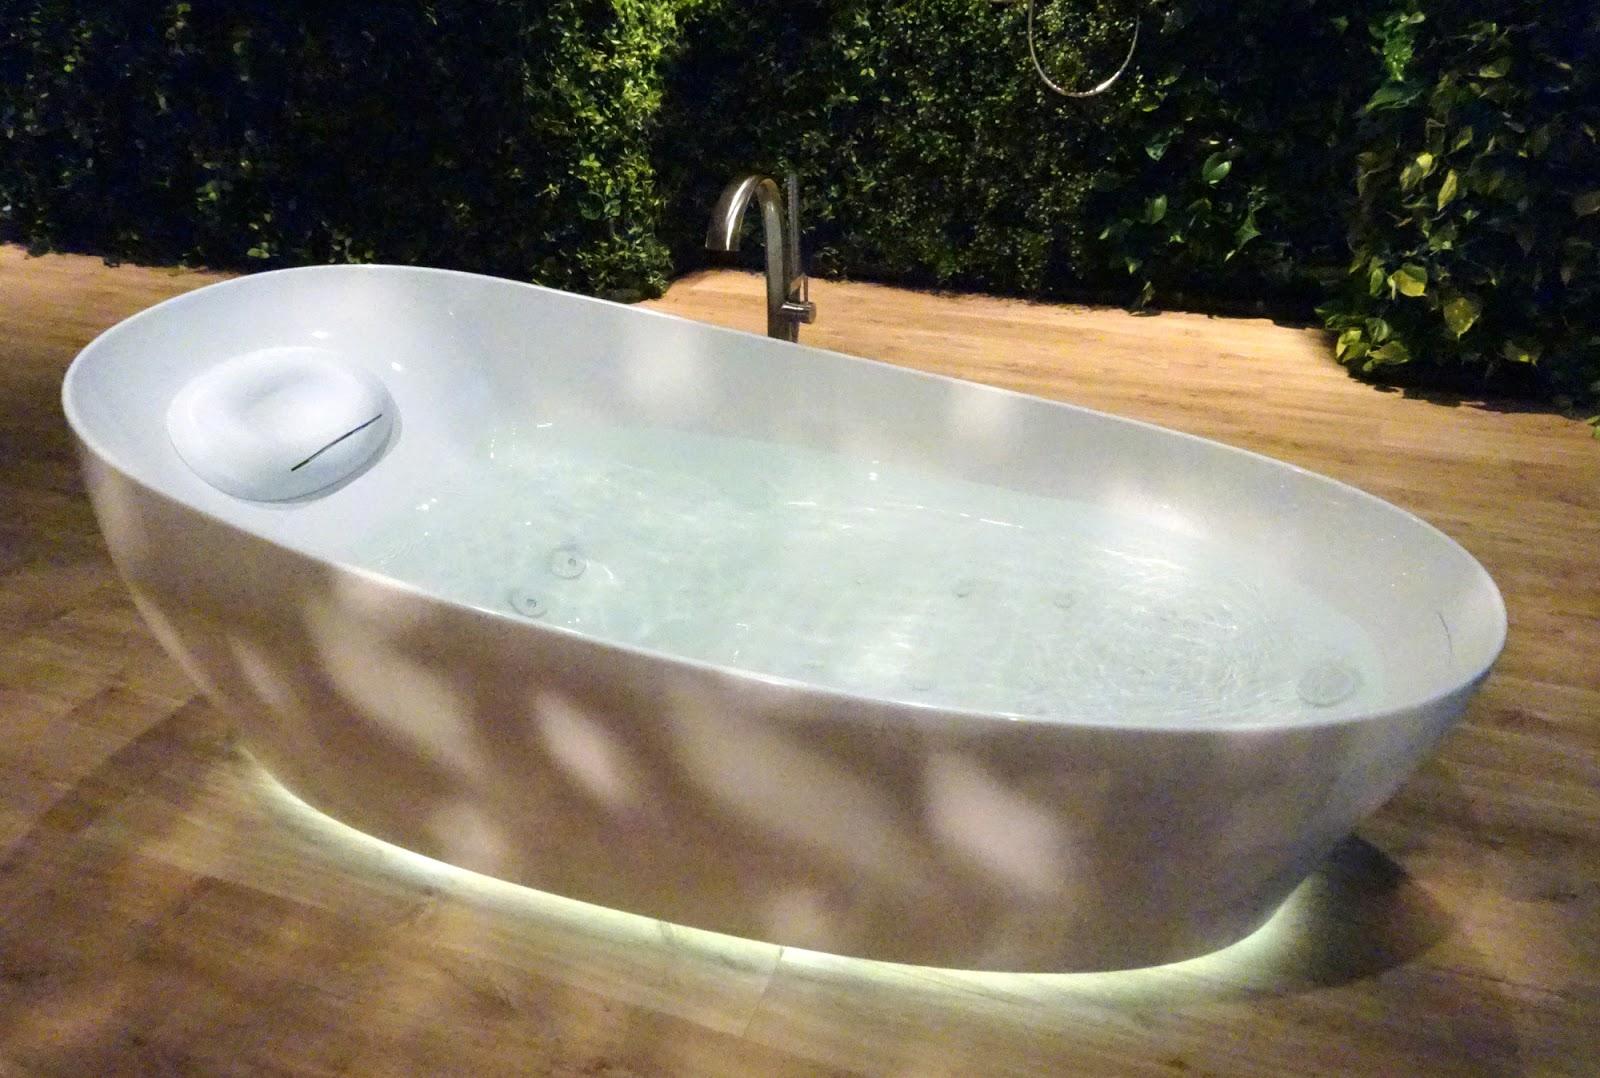 Nếu bạn thích nhà vệ sinh của Nhật Bản, bạn sẽ yêu thích bồn tắm TOTO